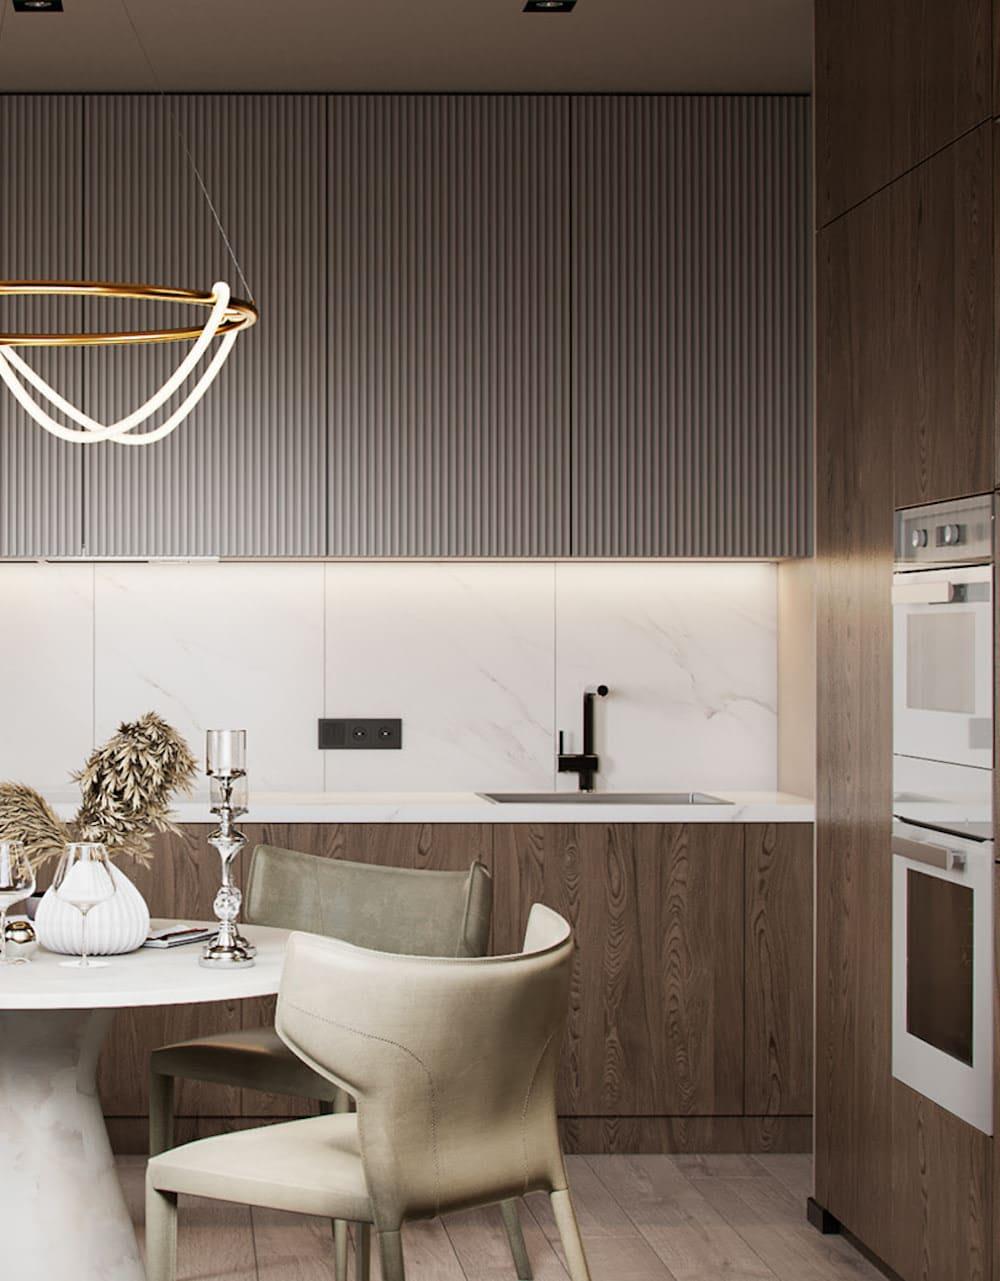 дизайн кухни в современном стиле фото 31